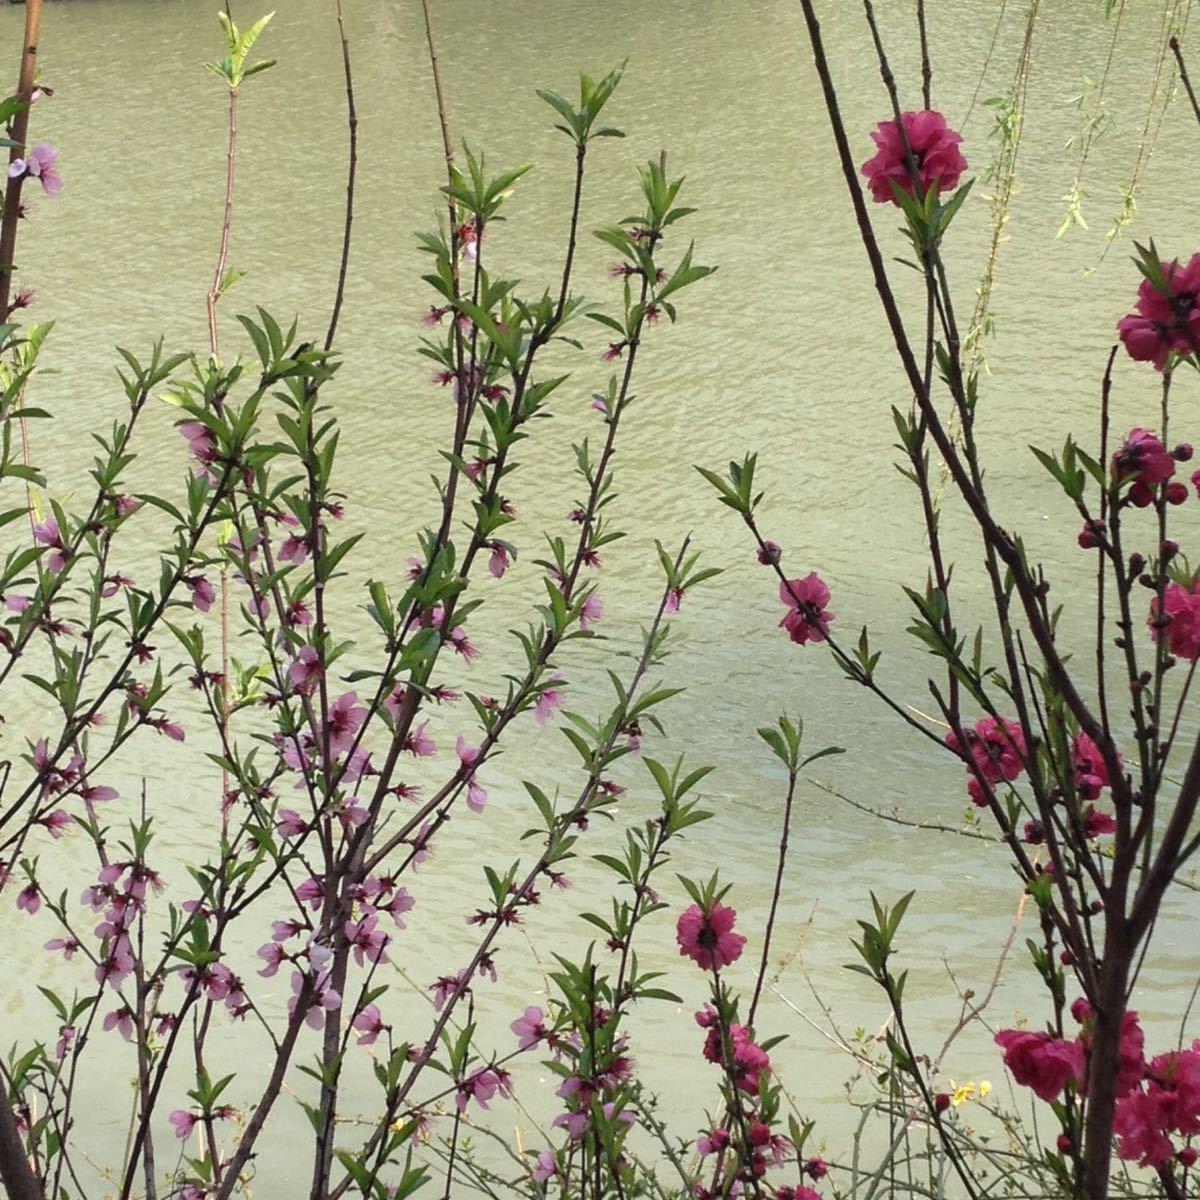 此时此刻的瘦西湖景色迷人,各种花卉开放,比如碧桃,郁金香等等,翠柳也